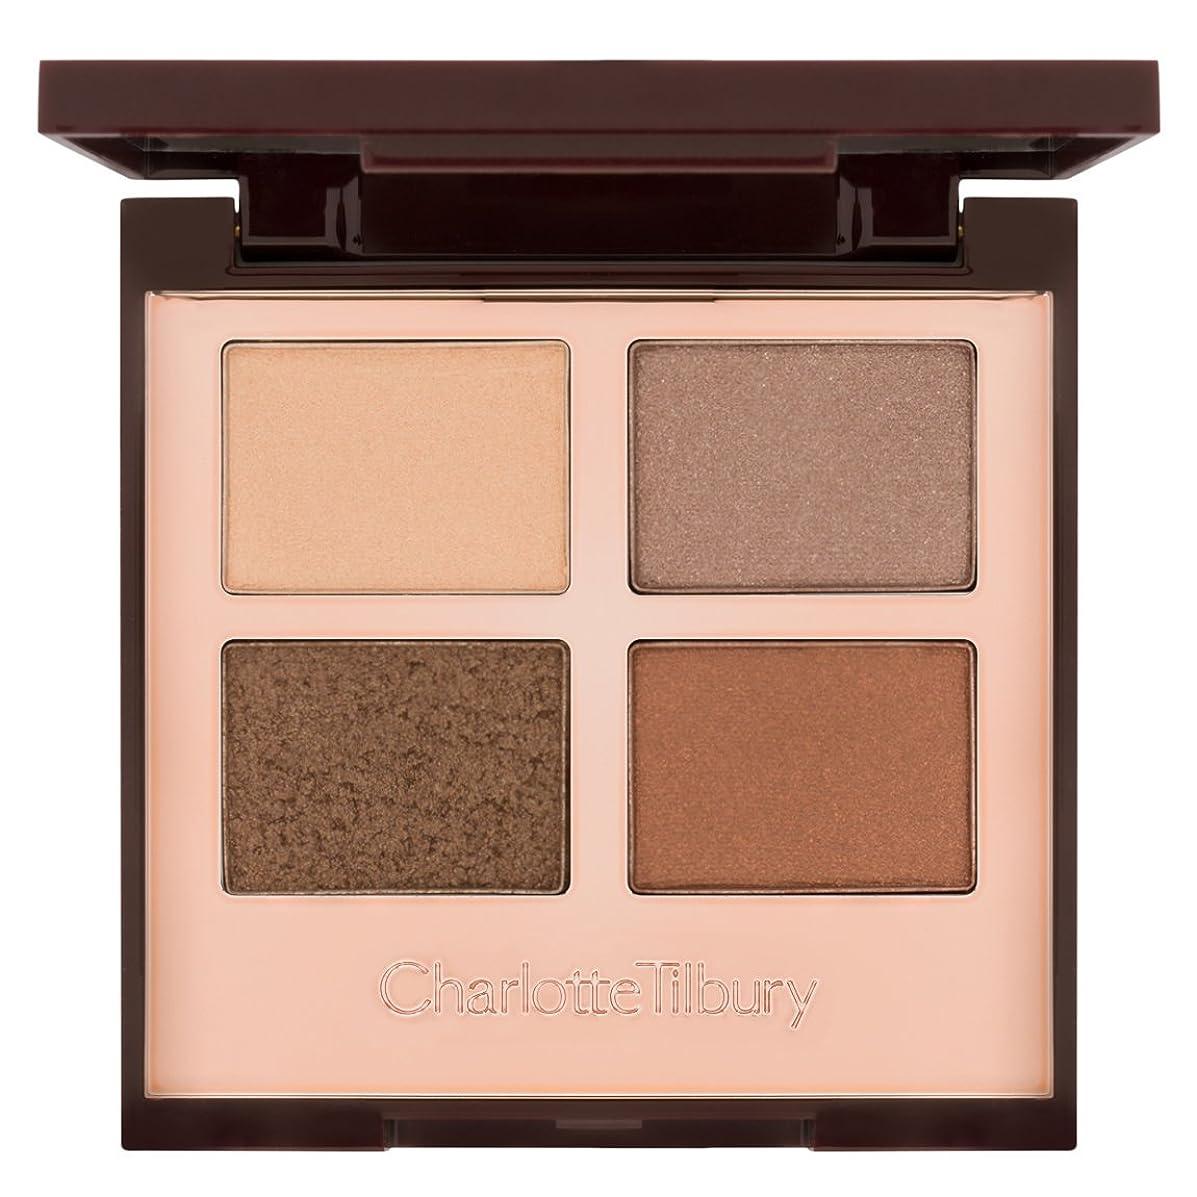 CHARLOTTE TILBURY Luxury Palette - The Golden Goddess 5.2g